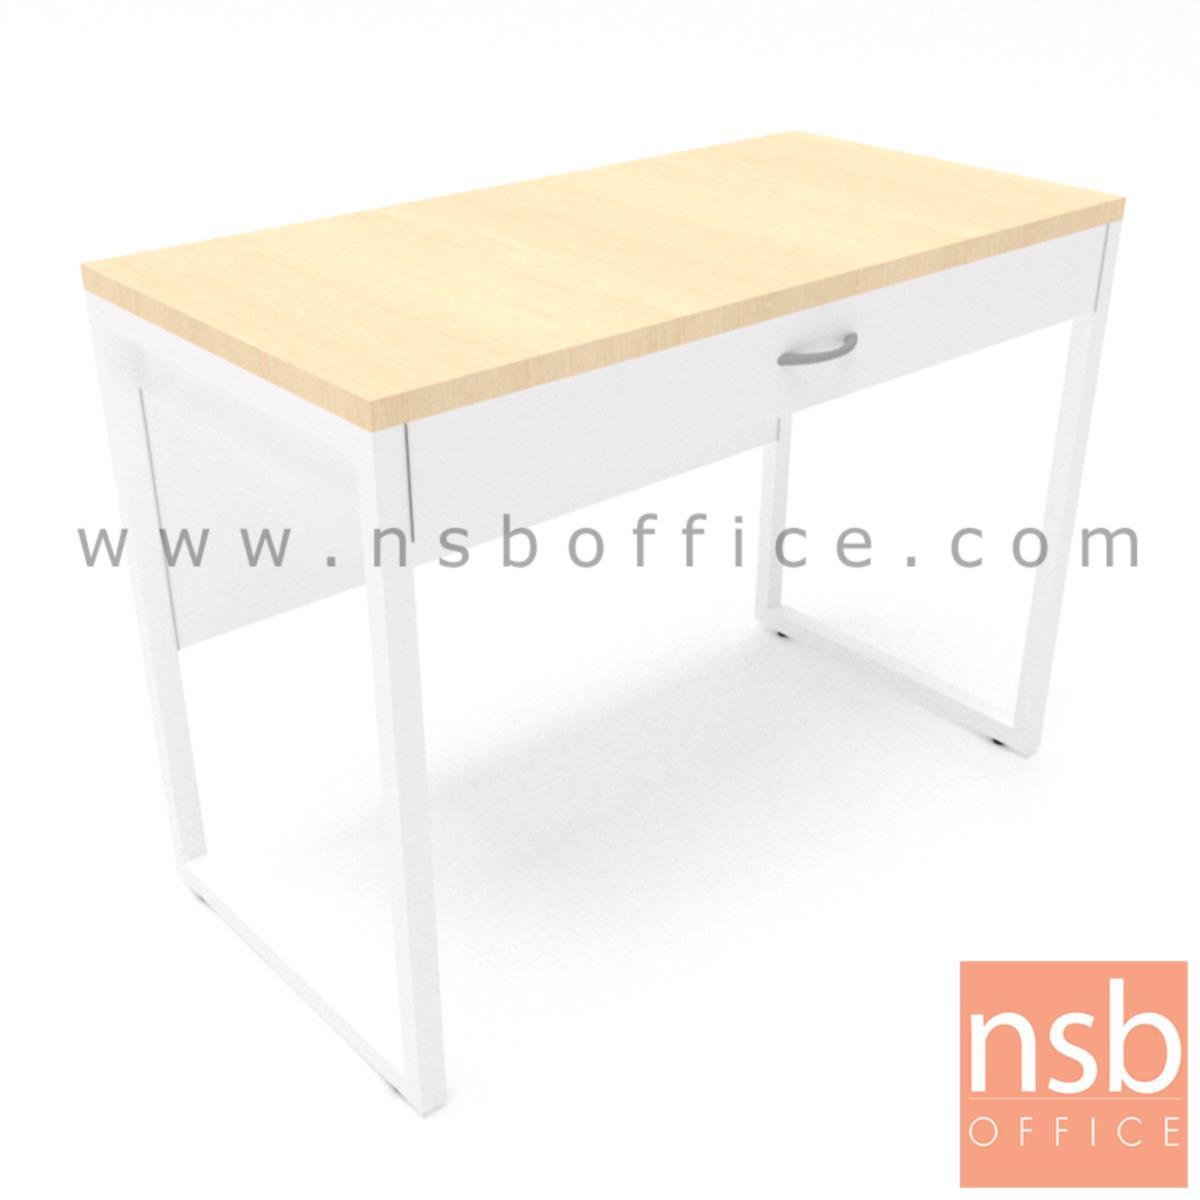 โต๊ะทำงาน 1 ลิ้นชัก รุ่น Marie (มารียา) ขนาด 80W, 100W cm. ขาเหล็ก